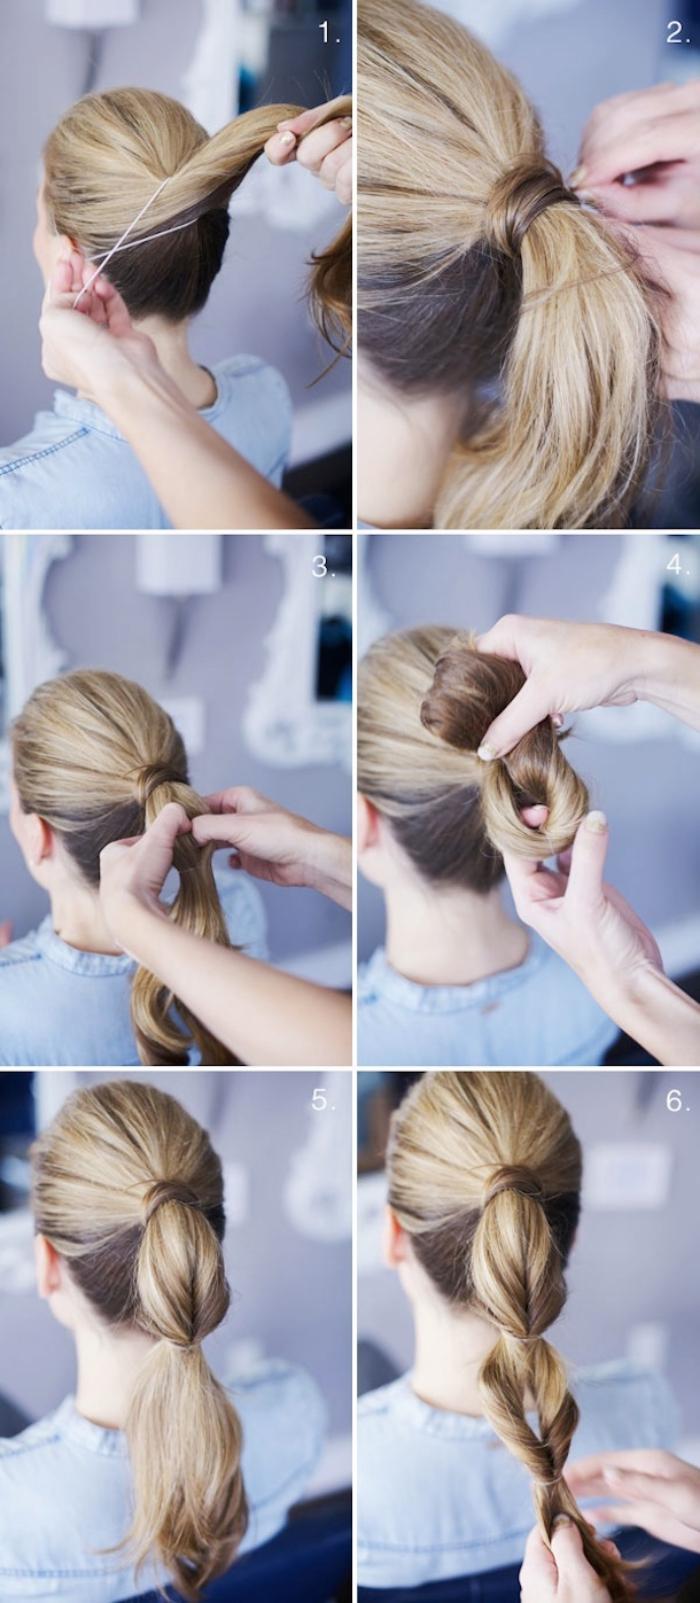 ideas de peinados faciles de hacer y modernos, coleta burbuja pelo largo paso a paso